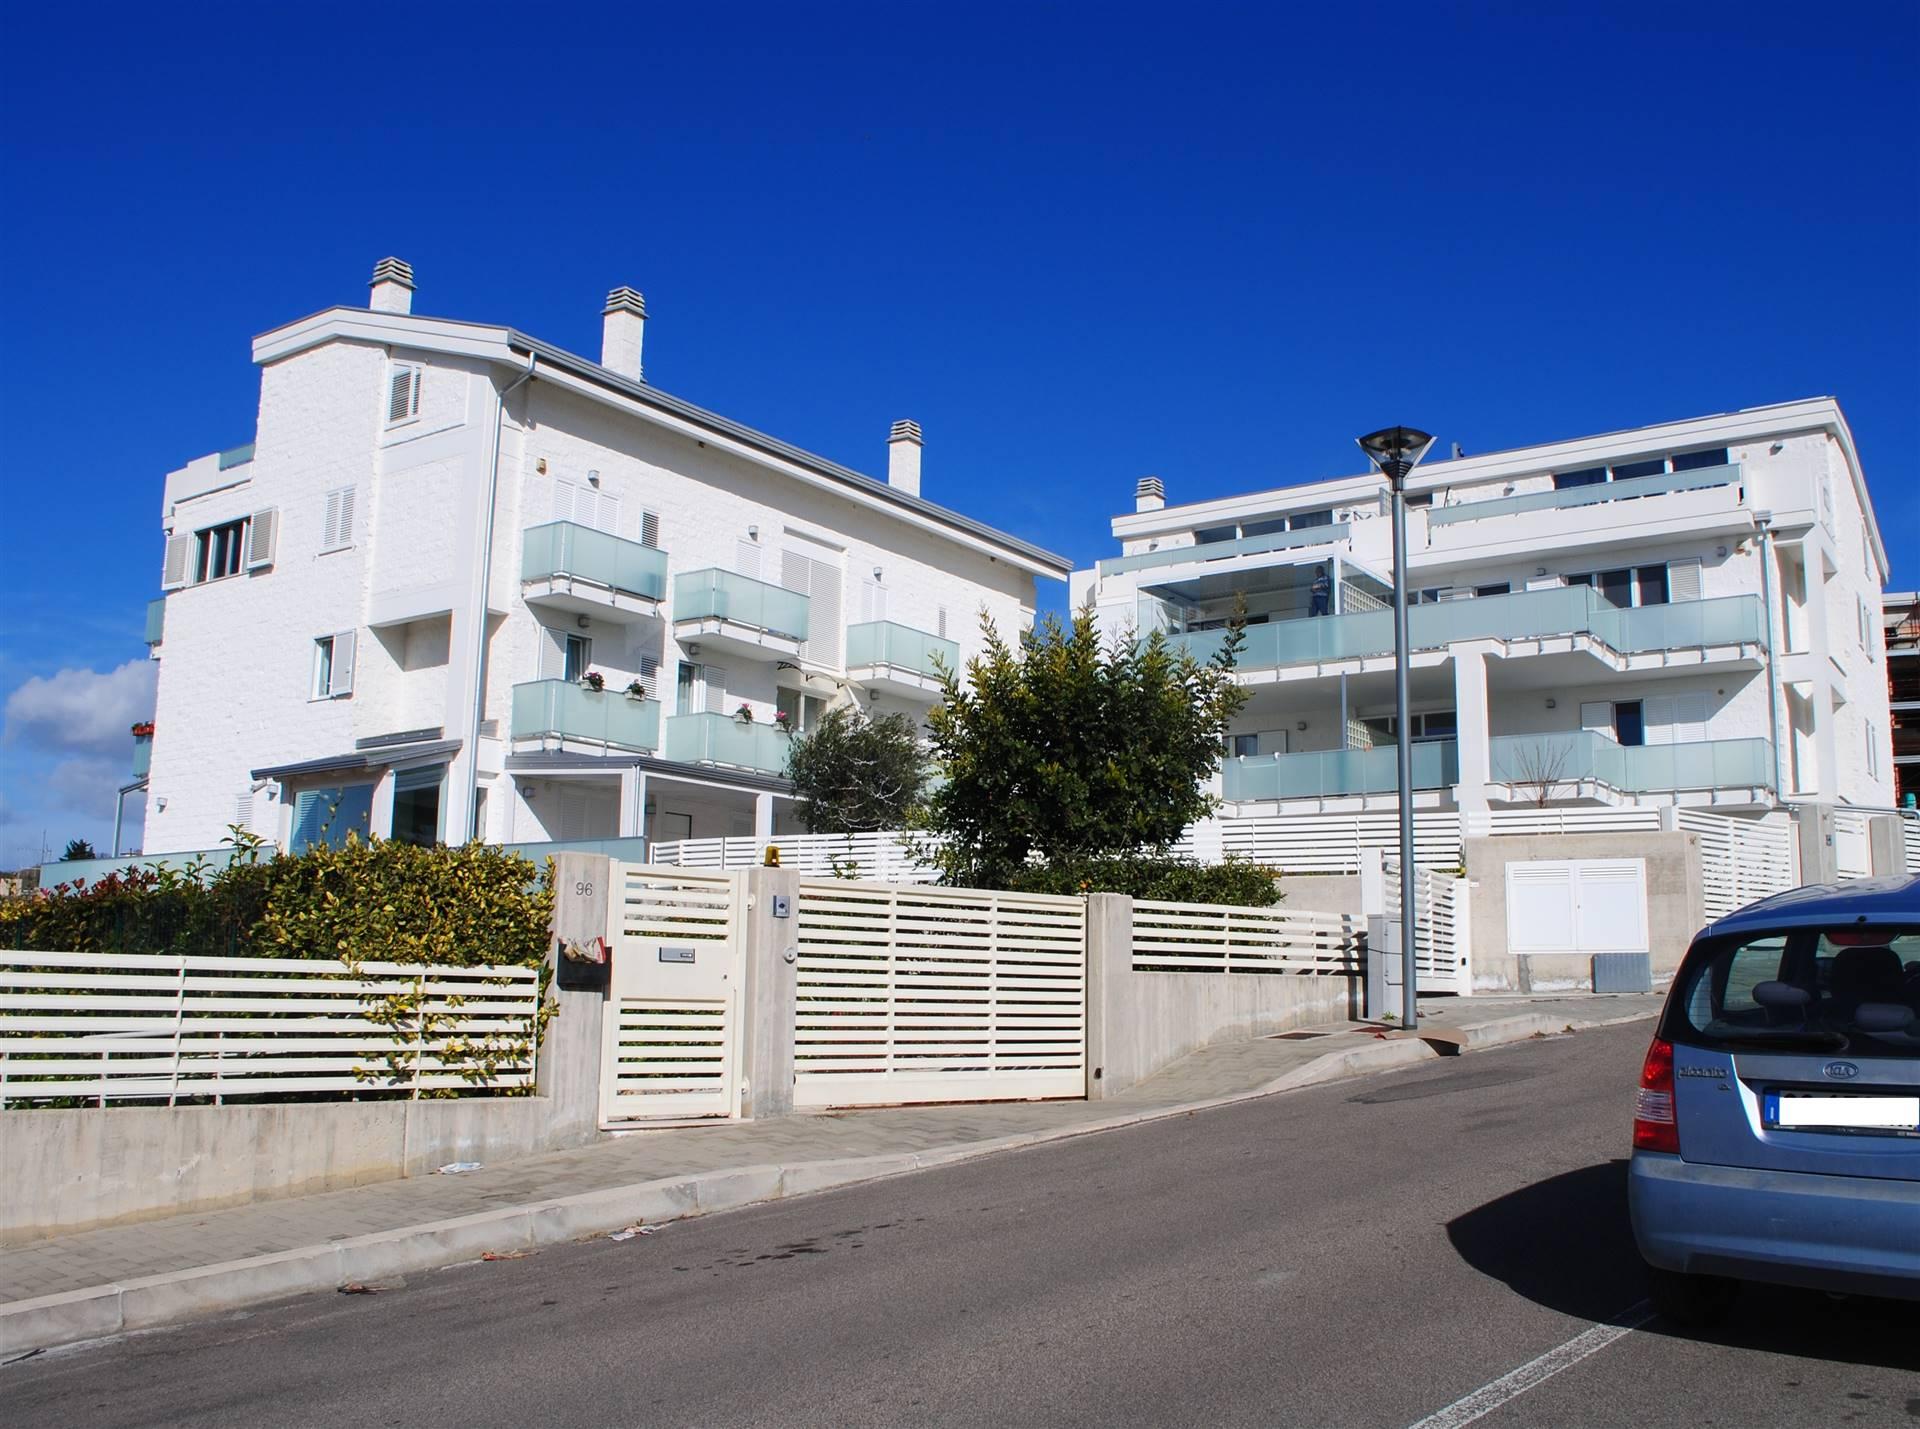 Appartamento in vendita a Matera, 4 locali, zona Zona: Periferia Nord, prezzo € 320.000 | CambioCasa.it